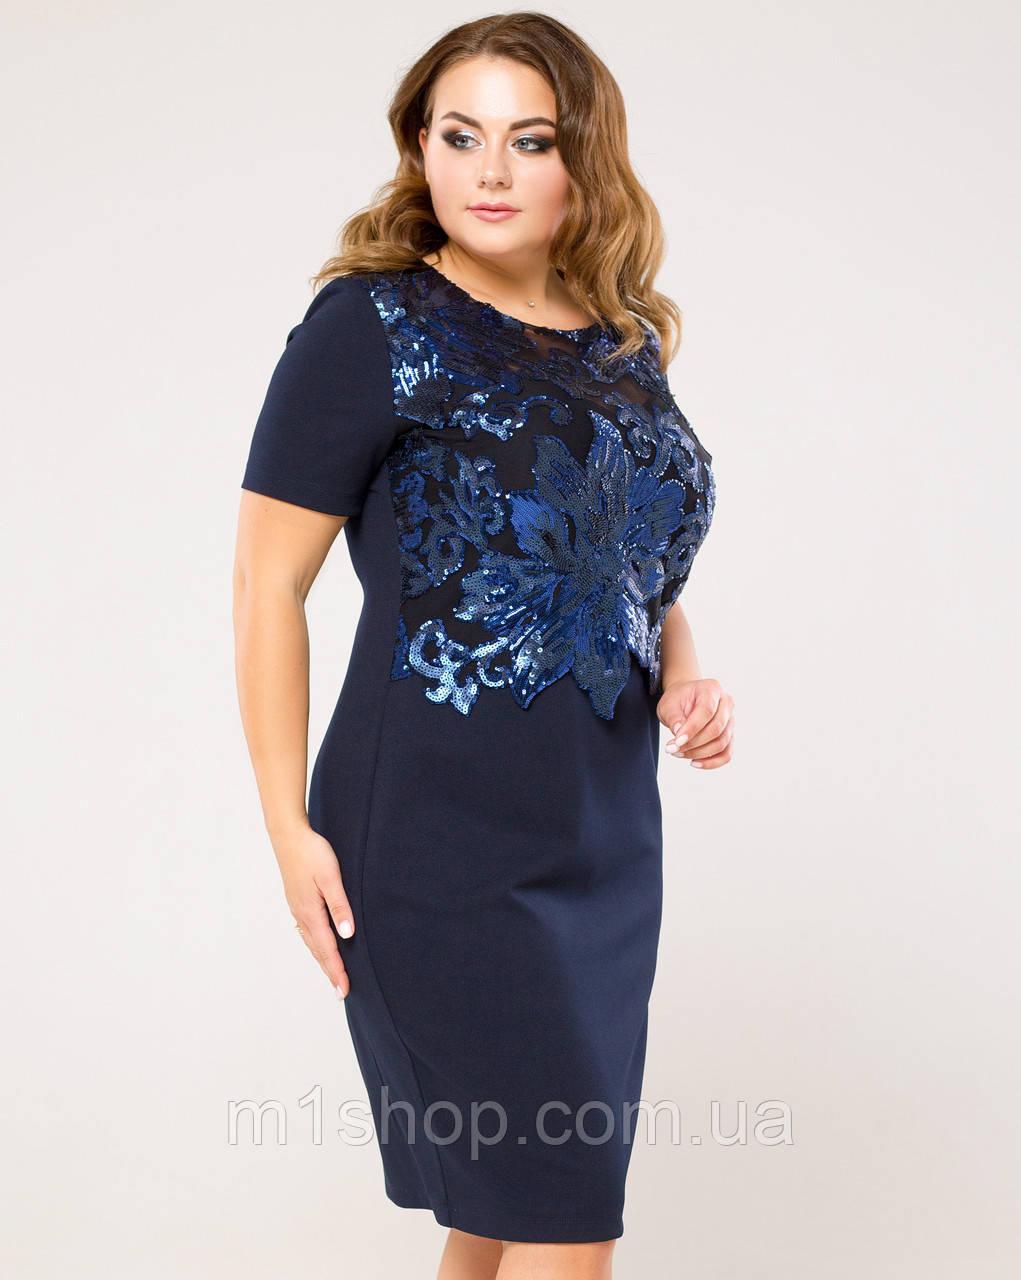 Женское платье с аппликацией из пайеток для полных (Кристал lzn)